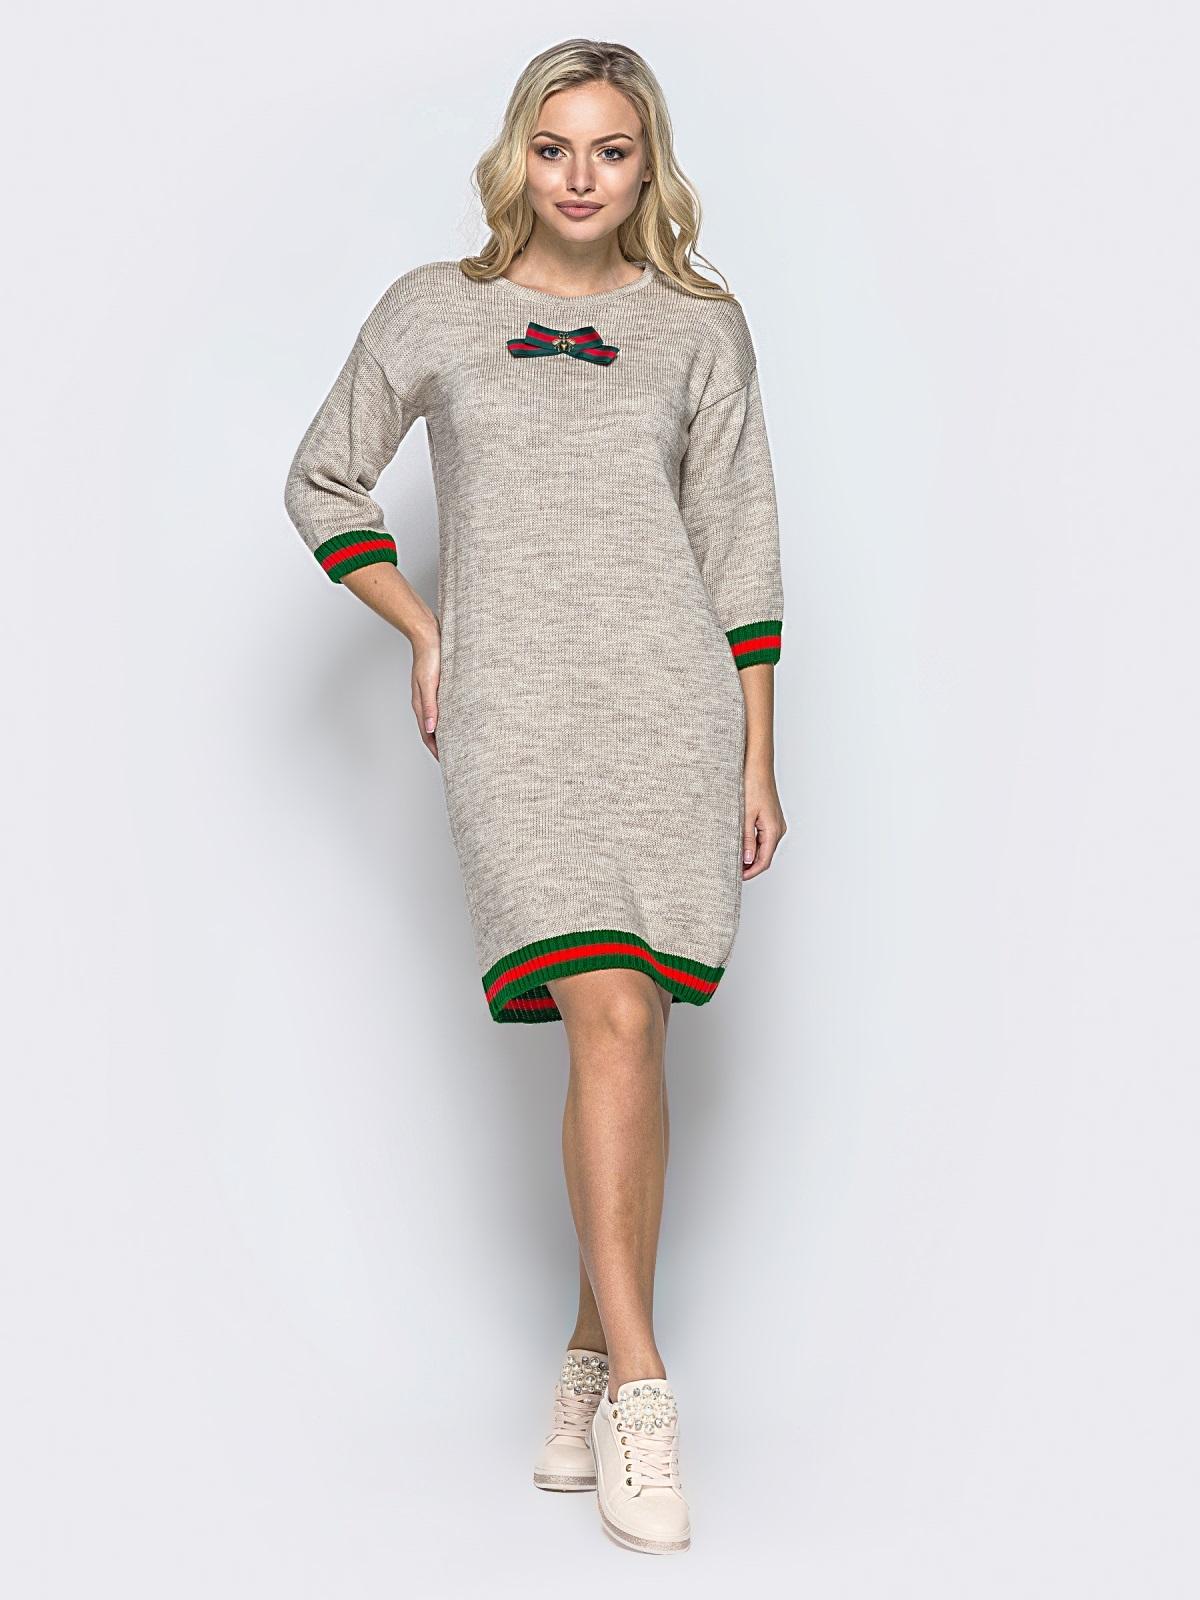 Бежевое шерстяное платье прямого кроя с рукавом / - 16095, фото 1 – интернет-магазин Dressa